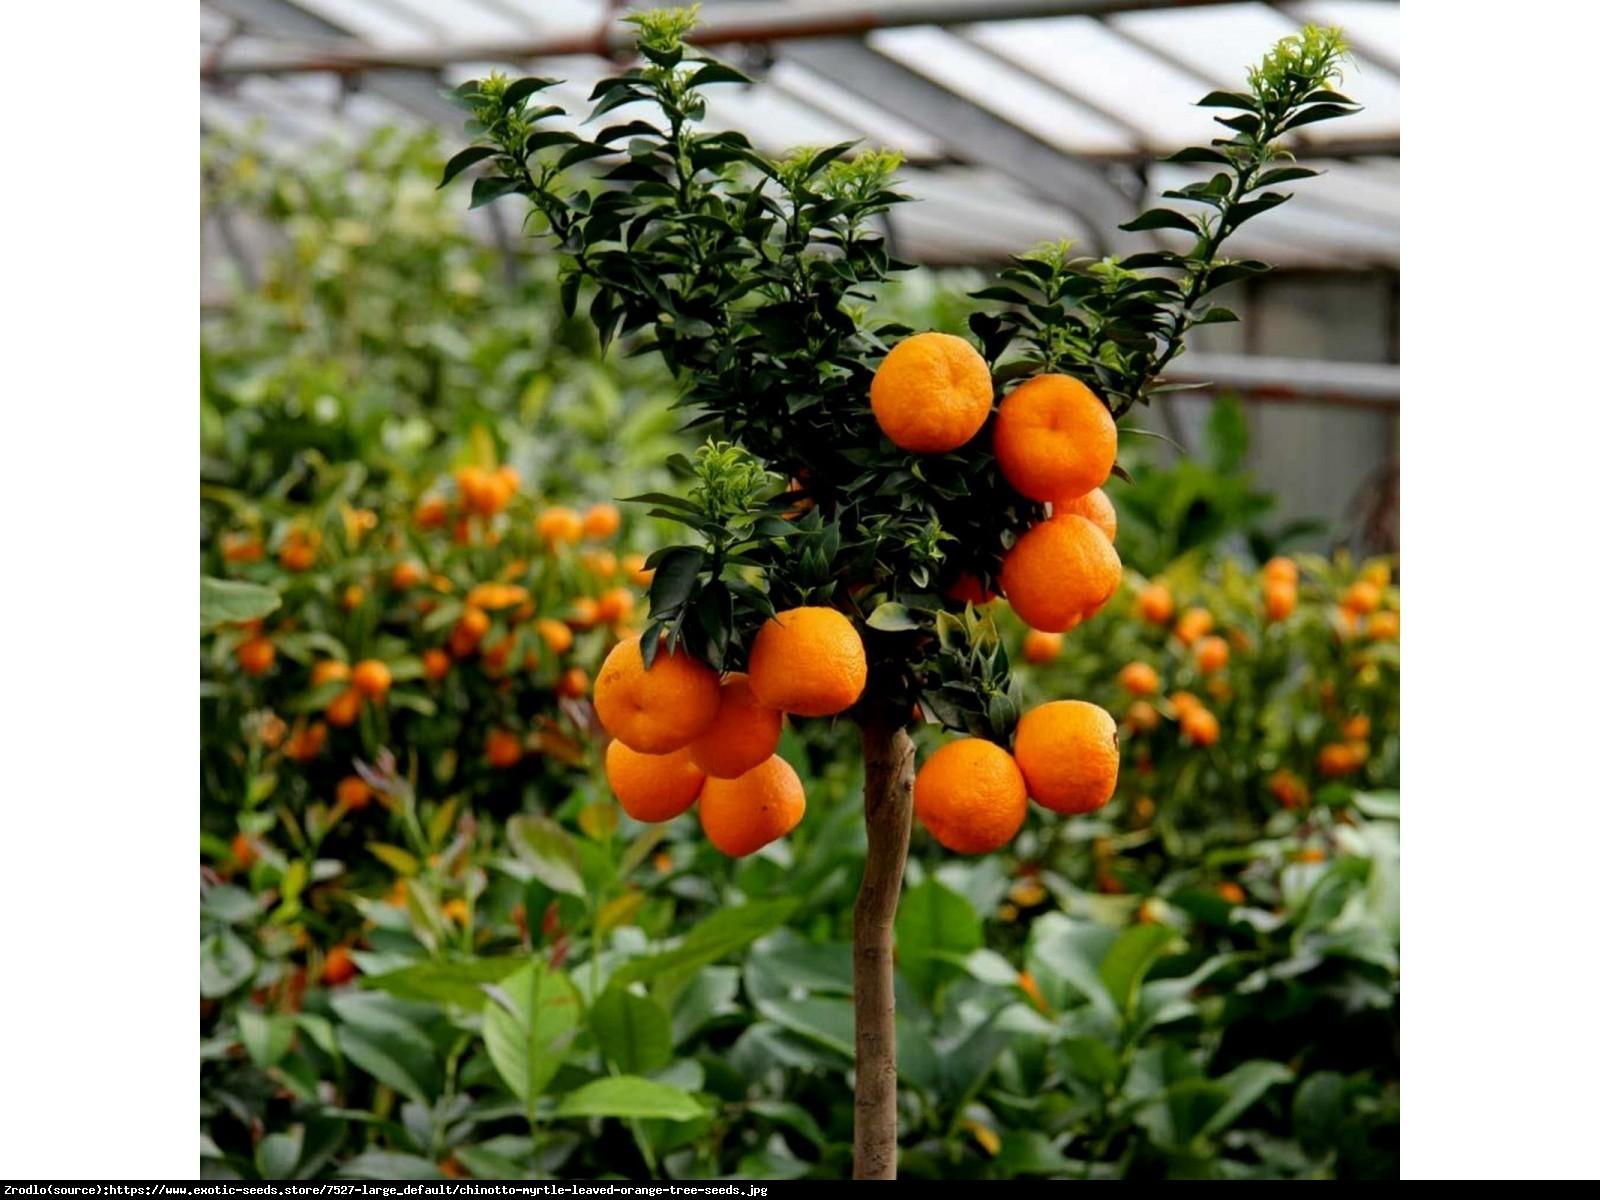 Pomarancza Sycylijska Chinotto  drzewko w owocami 70cm - Citrus Myrtifolia Chinotto